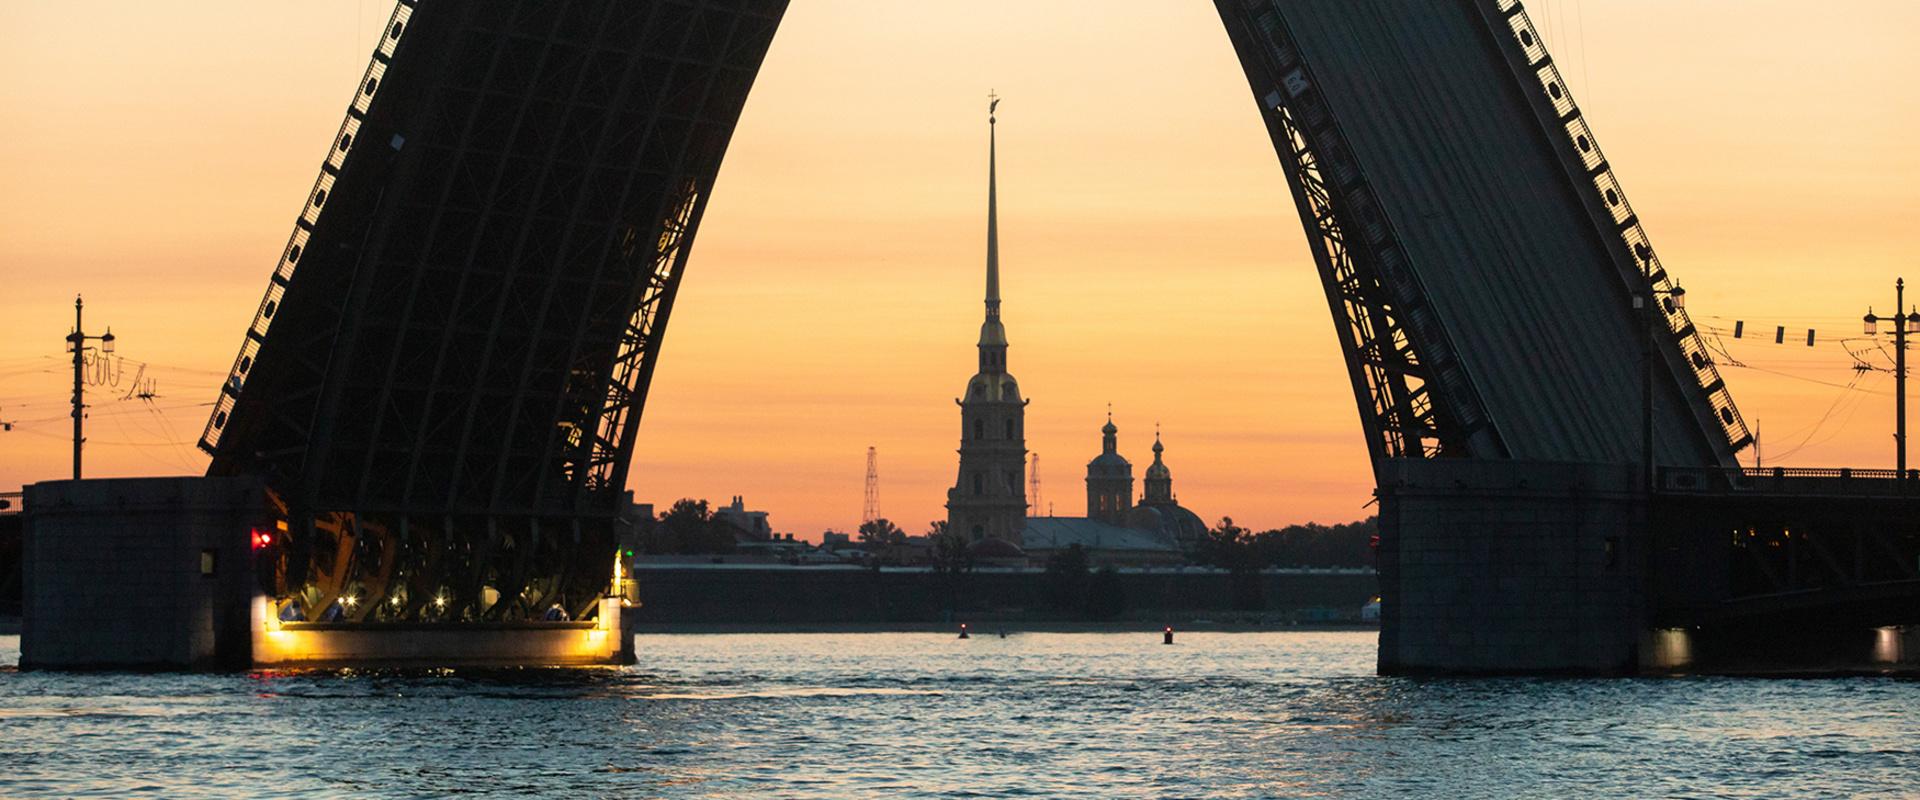 Самые перспективные города России по мнению Forbes города,Путешествия,Россия,фото